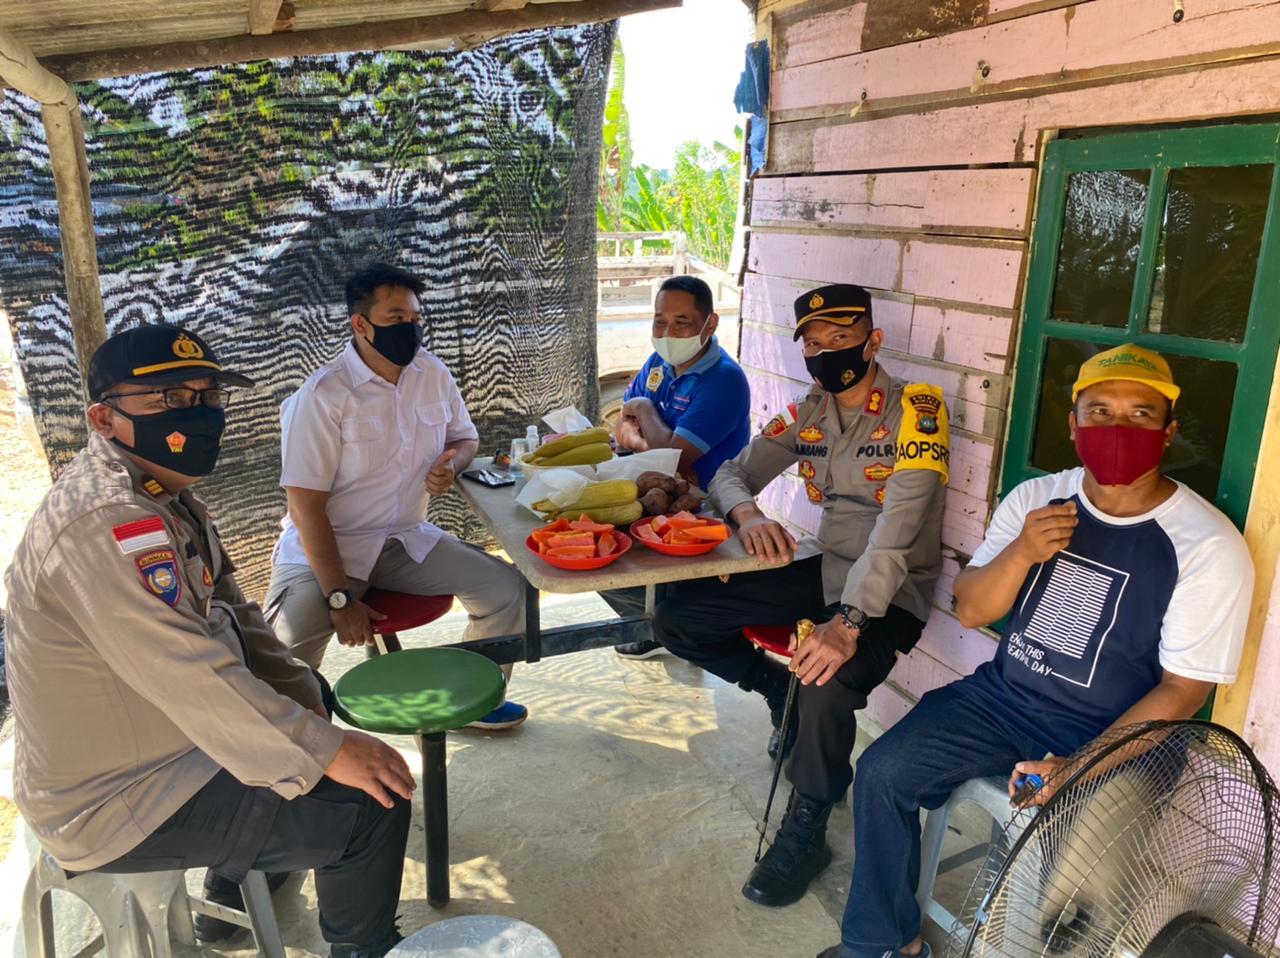 Cek Kampung Tangguh, Kapolres Bintan Apresiasi Masyarakat Desa Toapaya Asri Yang Telah Membentuk Pok Tani Horiutama